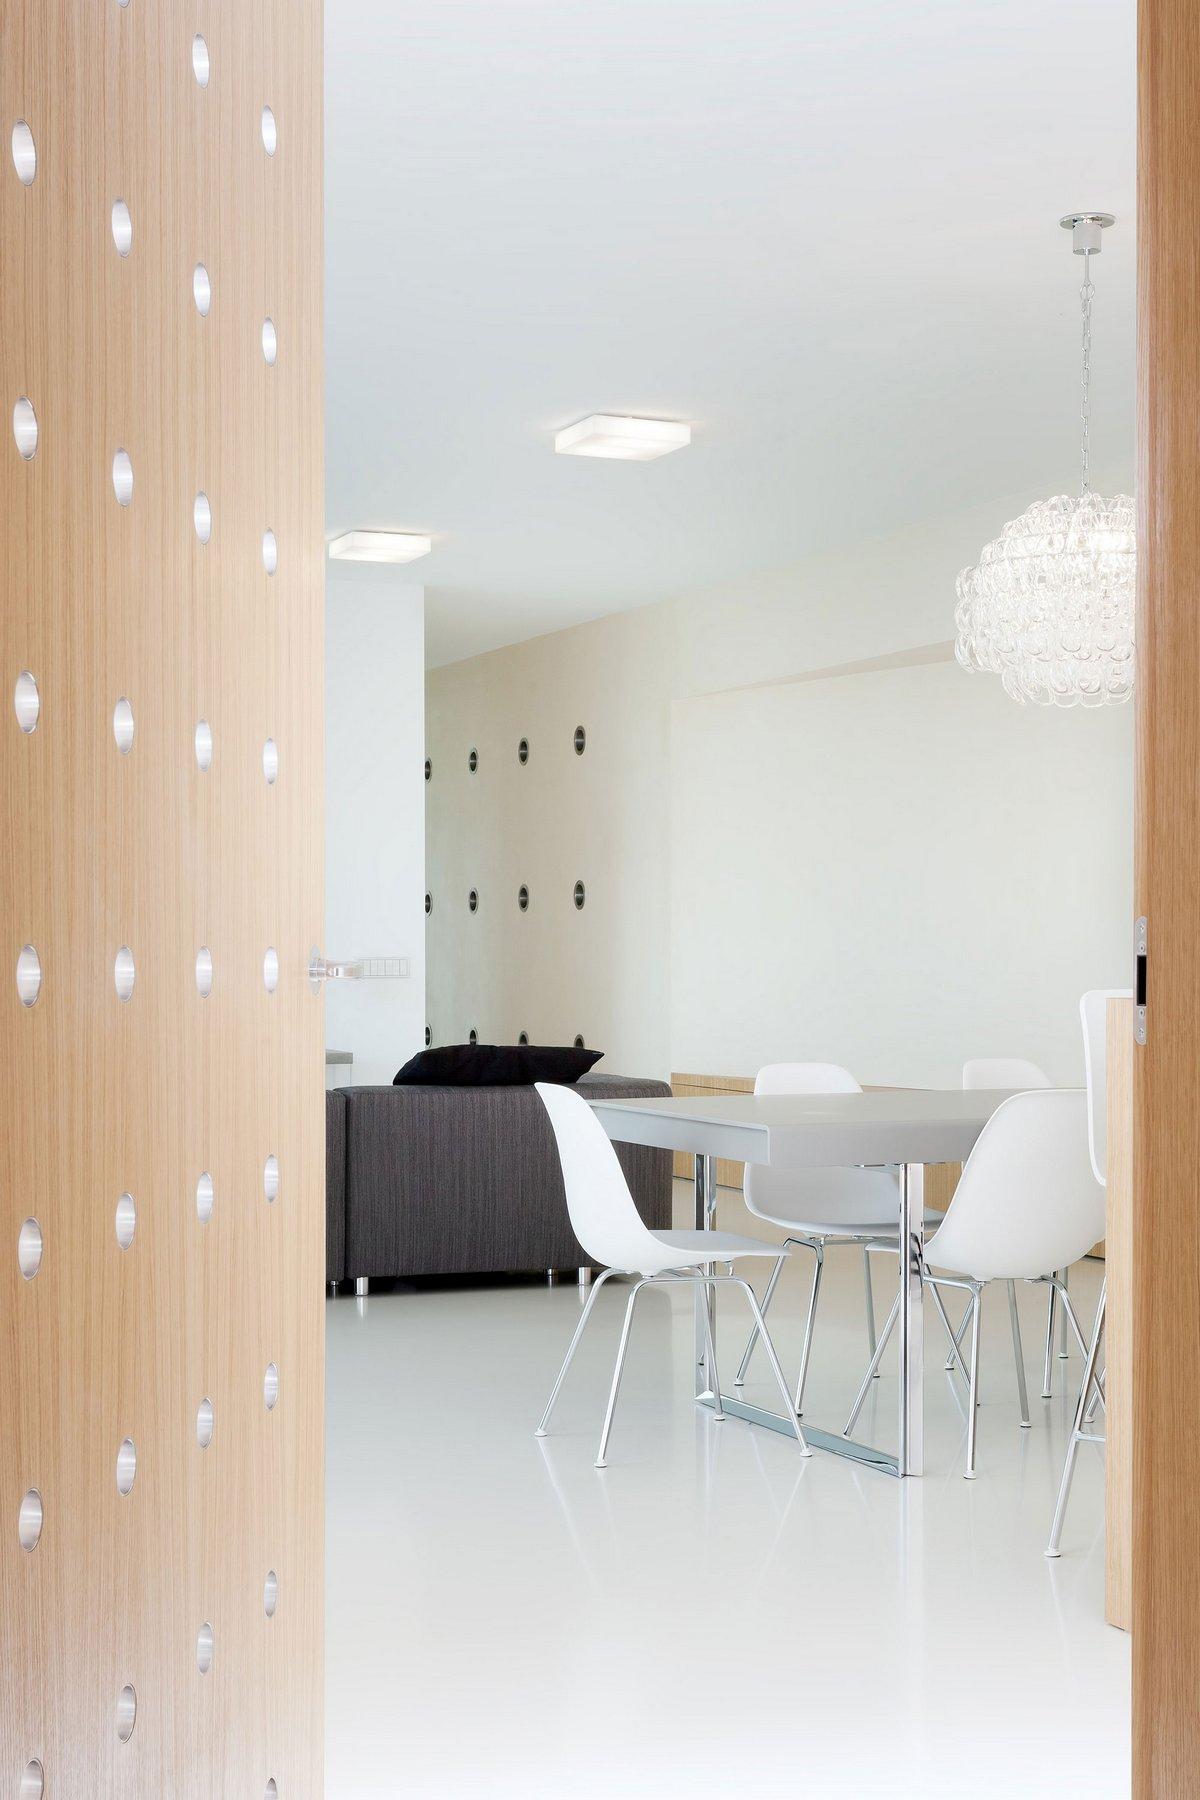 JVArchitekt, KAMKAB!NET, одноэтажный частный дом фото, проекты частных домов фото, П-образные частные дома фото, интерьер в стиле мнимализма фото